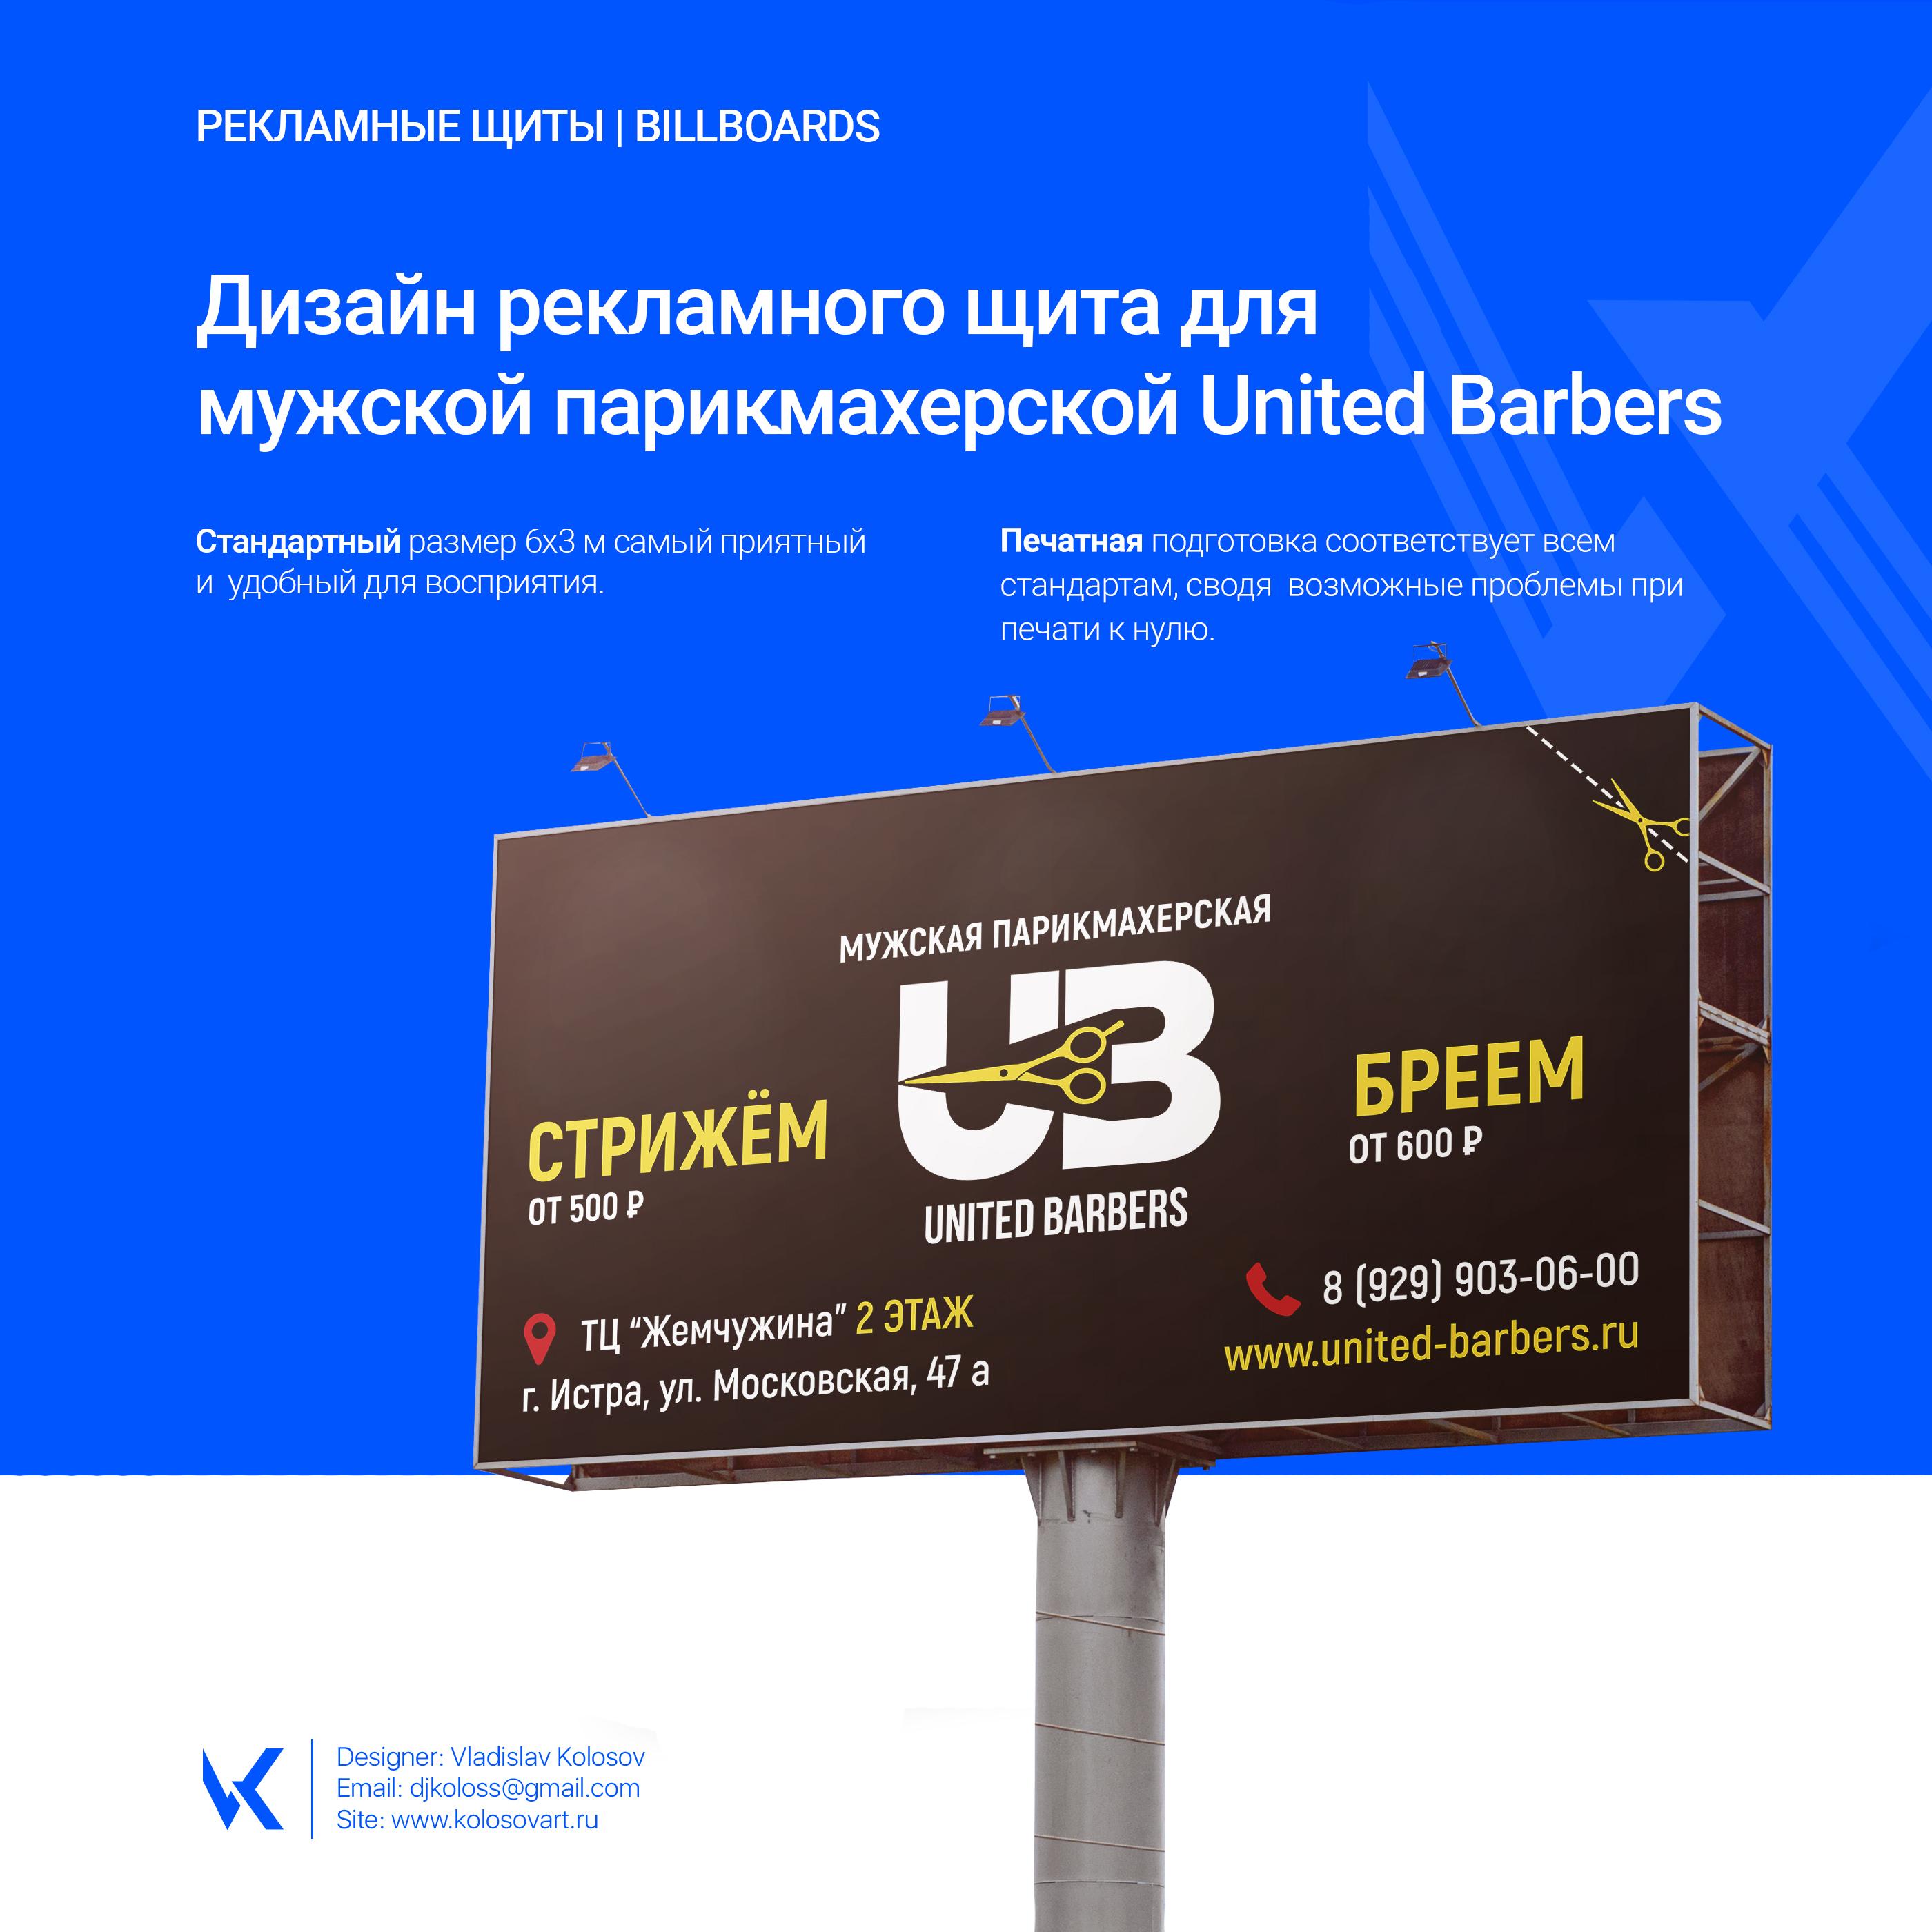 Дизайн рекламного щита для мужской парикмахерской United Barbers